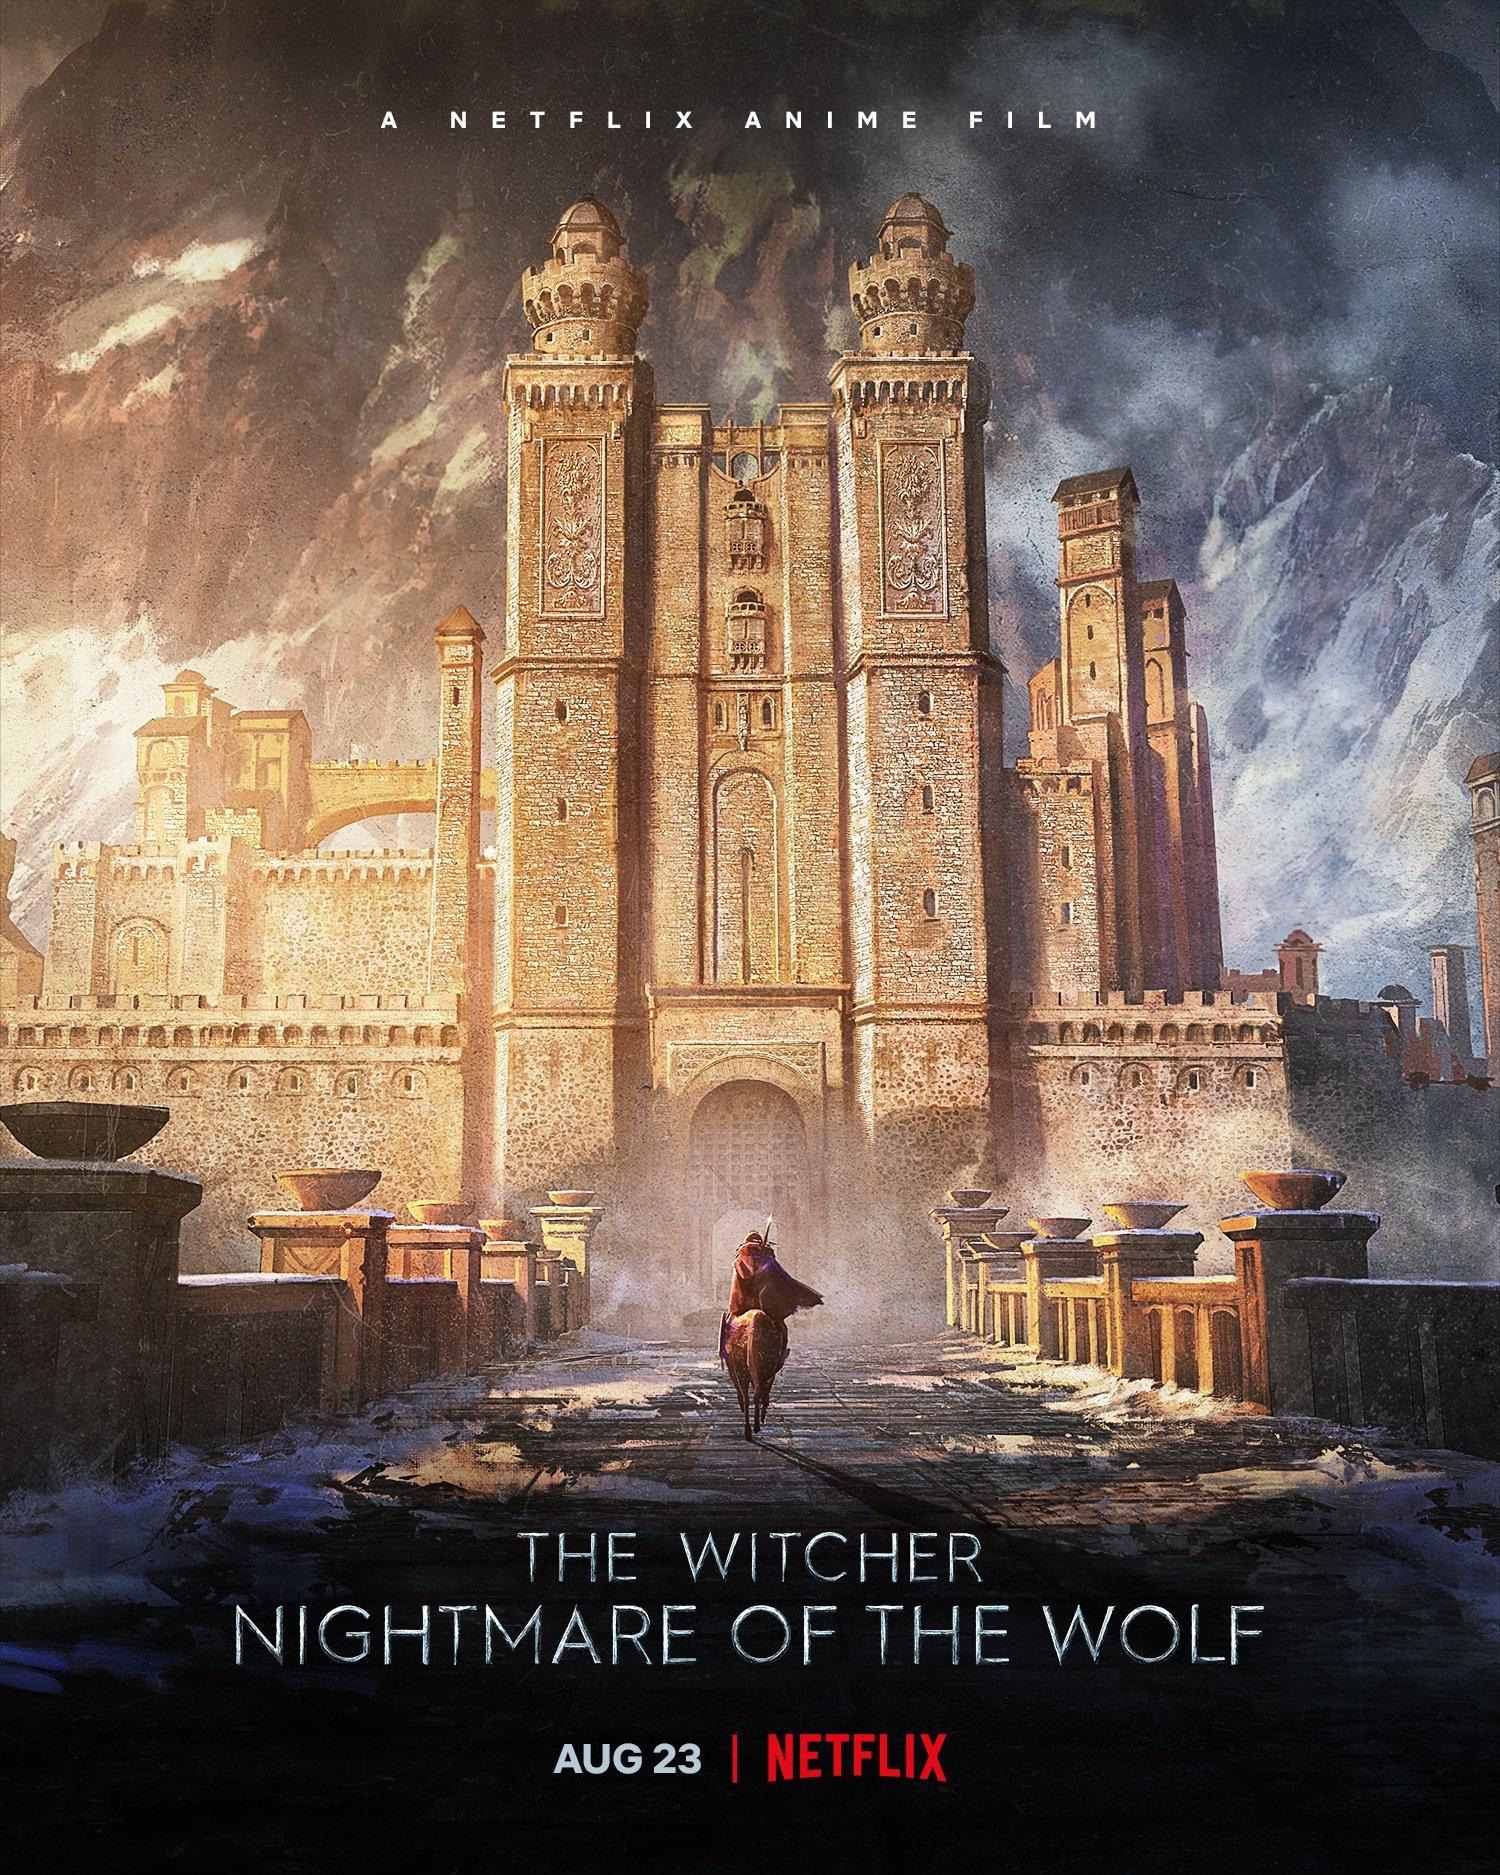 Download Filme The Witcher Lenda do Lobo Qualidade Hd